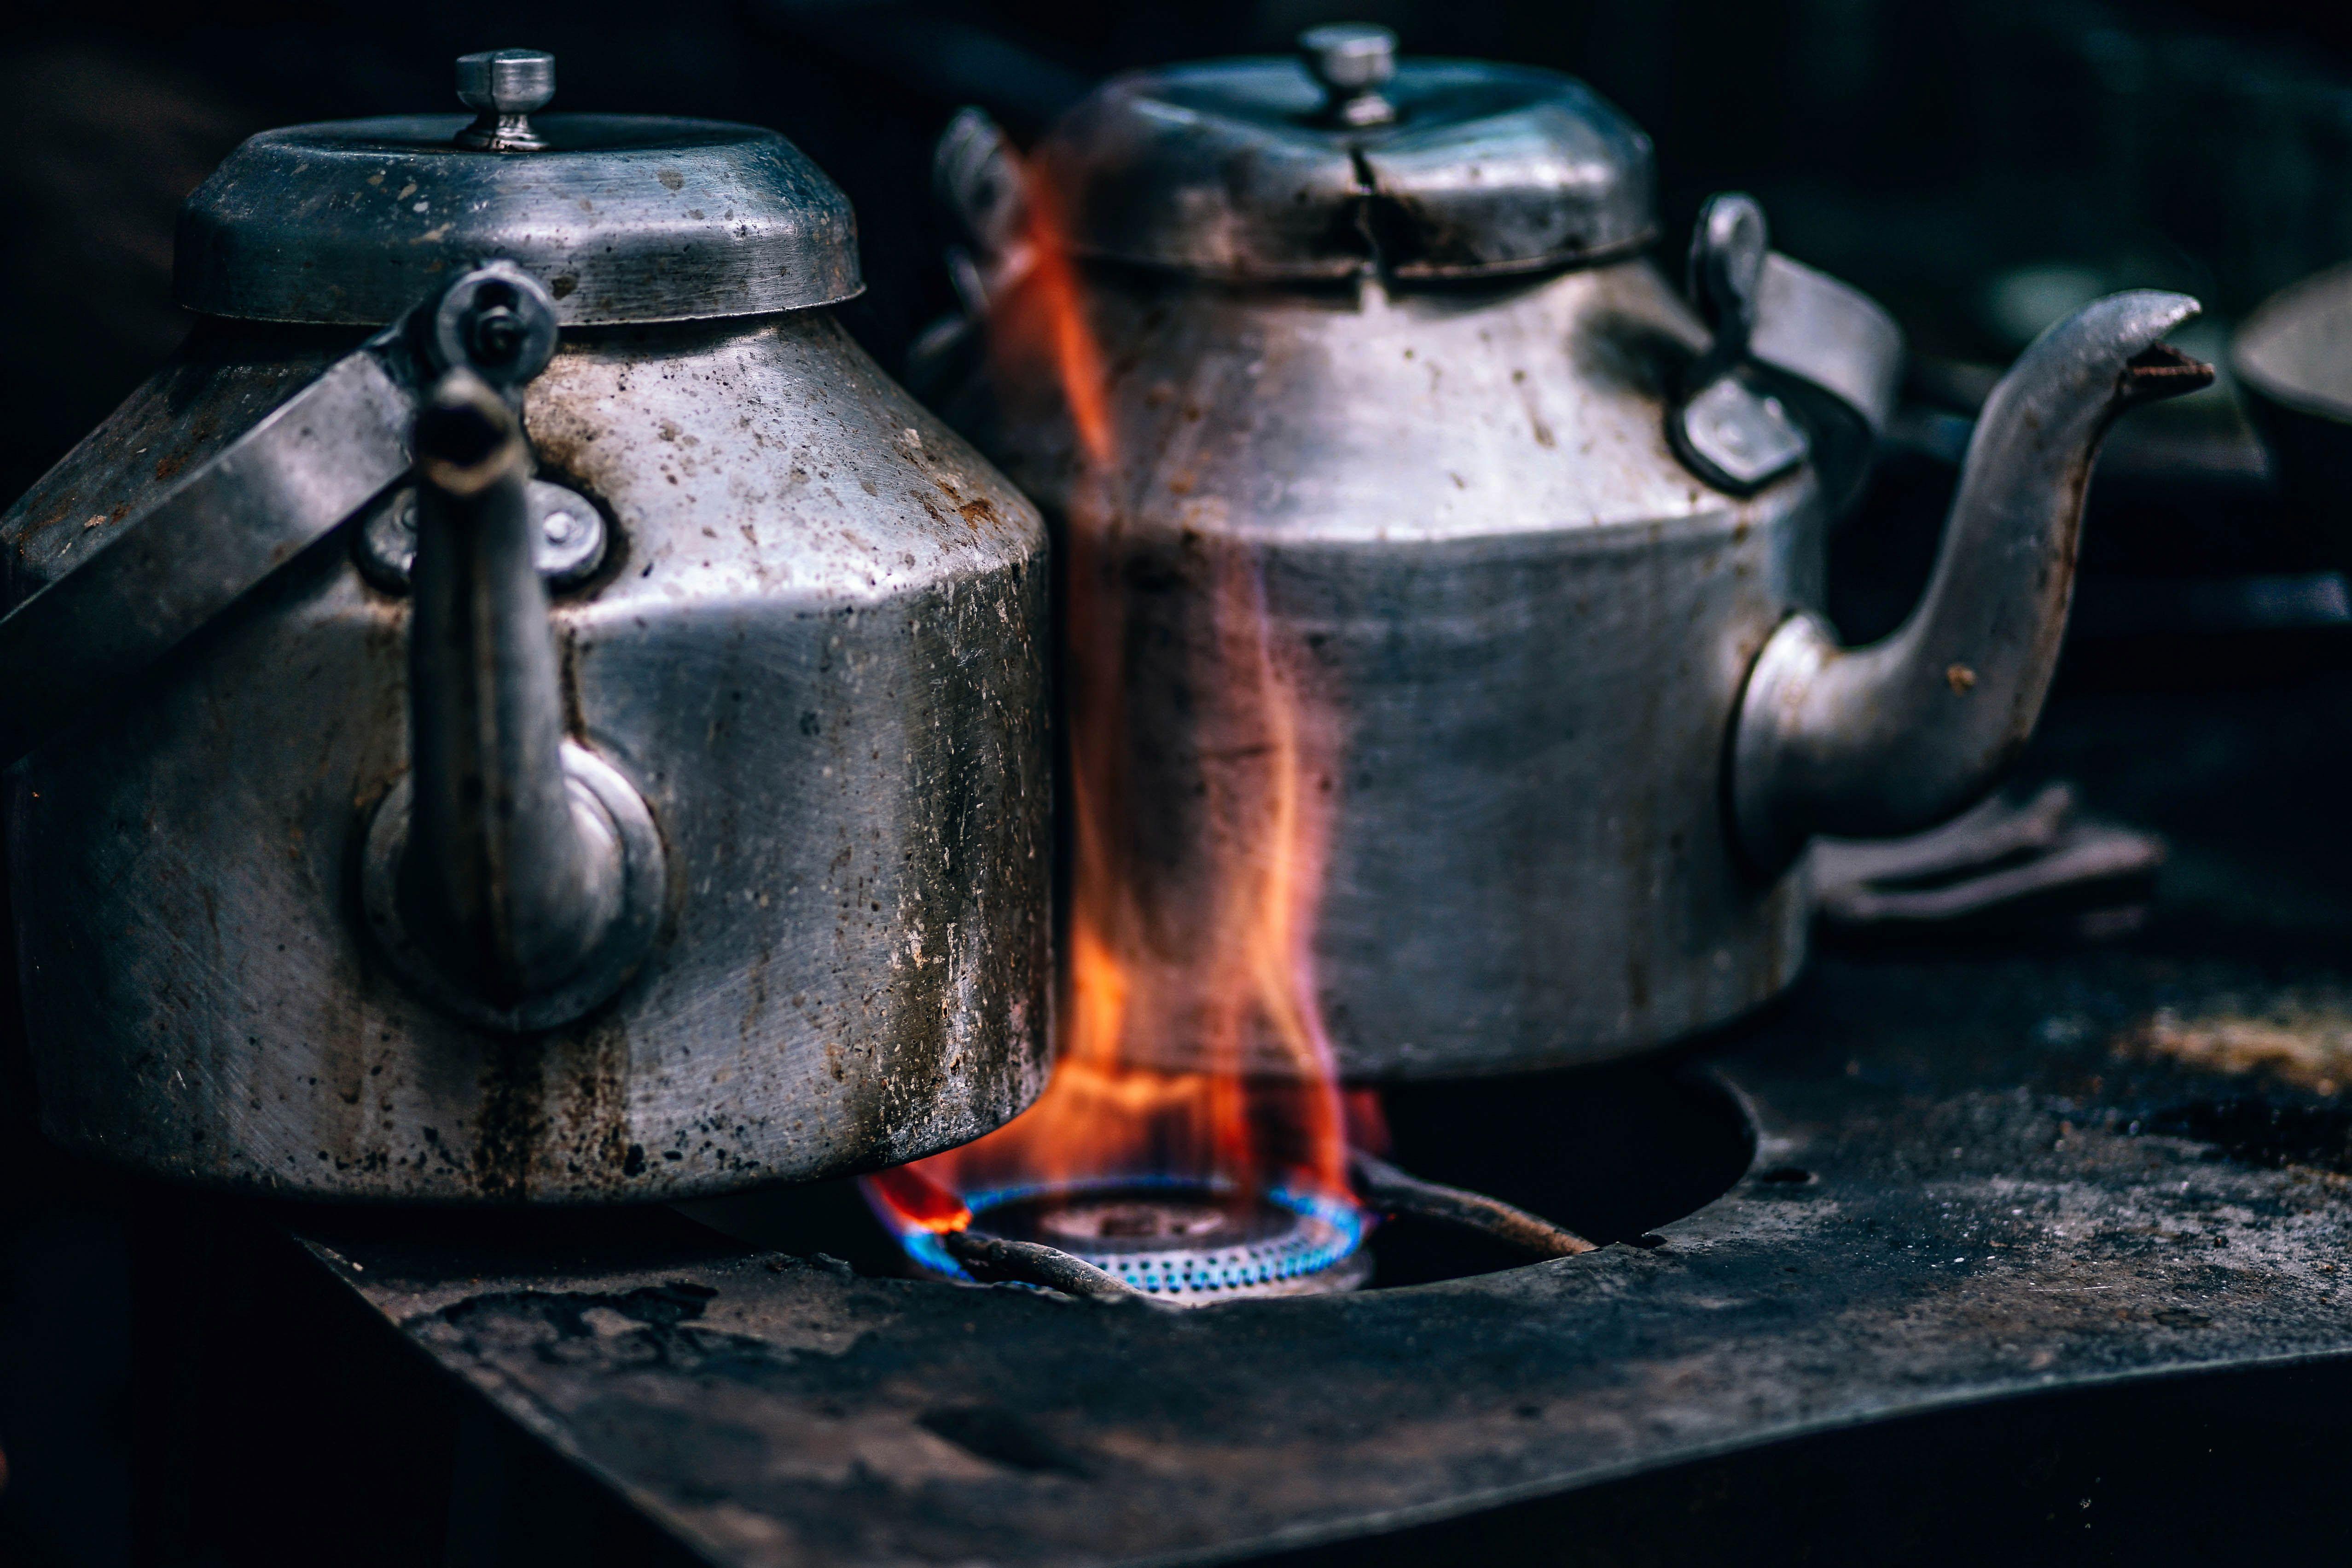 La llama de la hornalla puede provocar monóxido de carbono en lugares con mala ventilación. Lo mismo sucede con calefones y hornos.